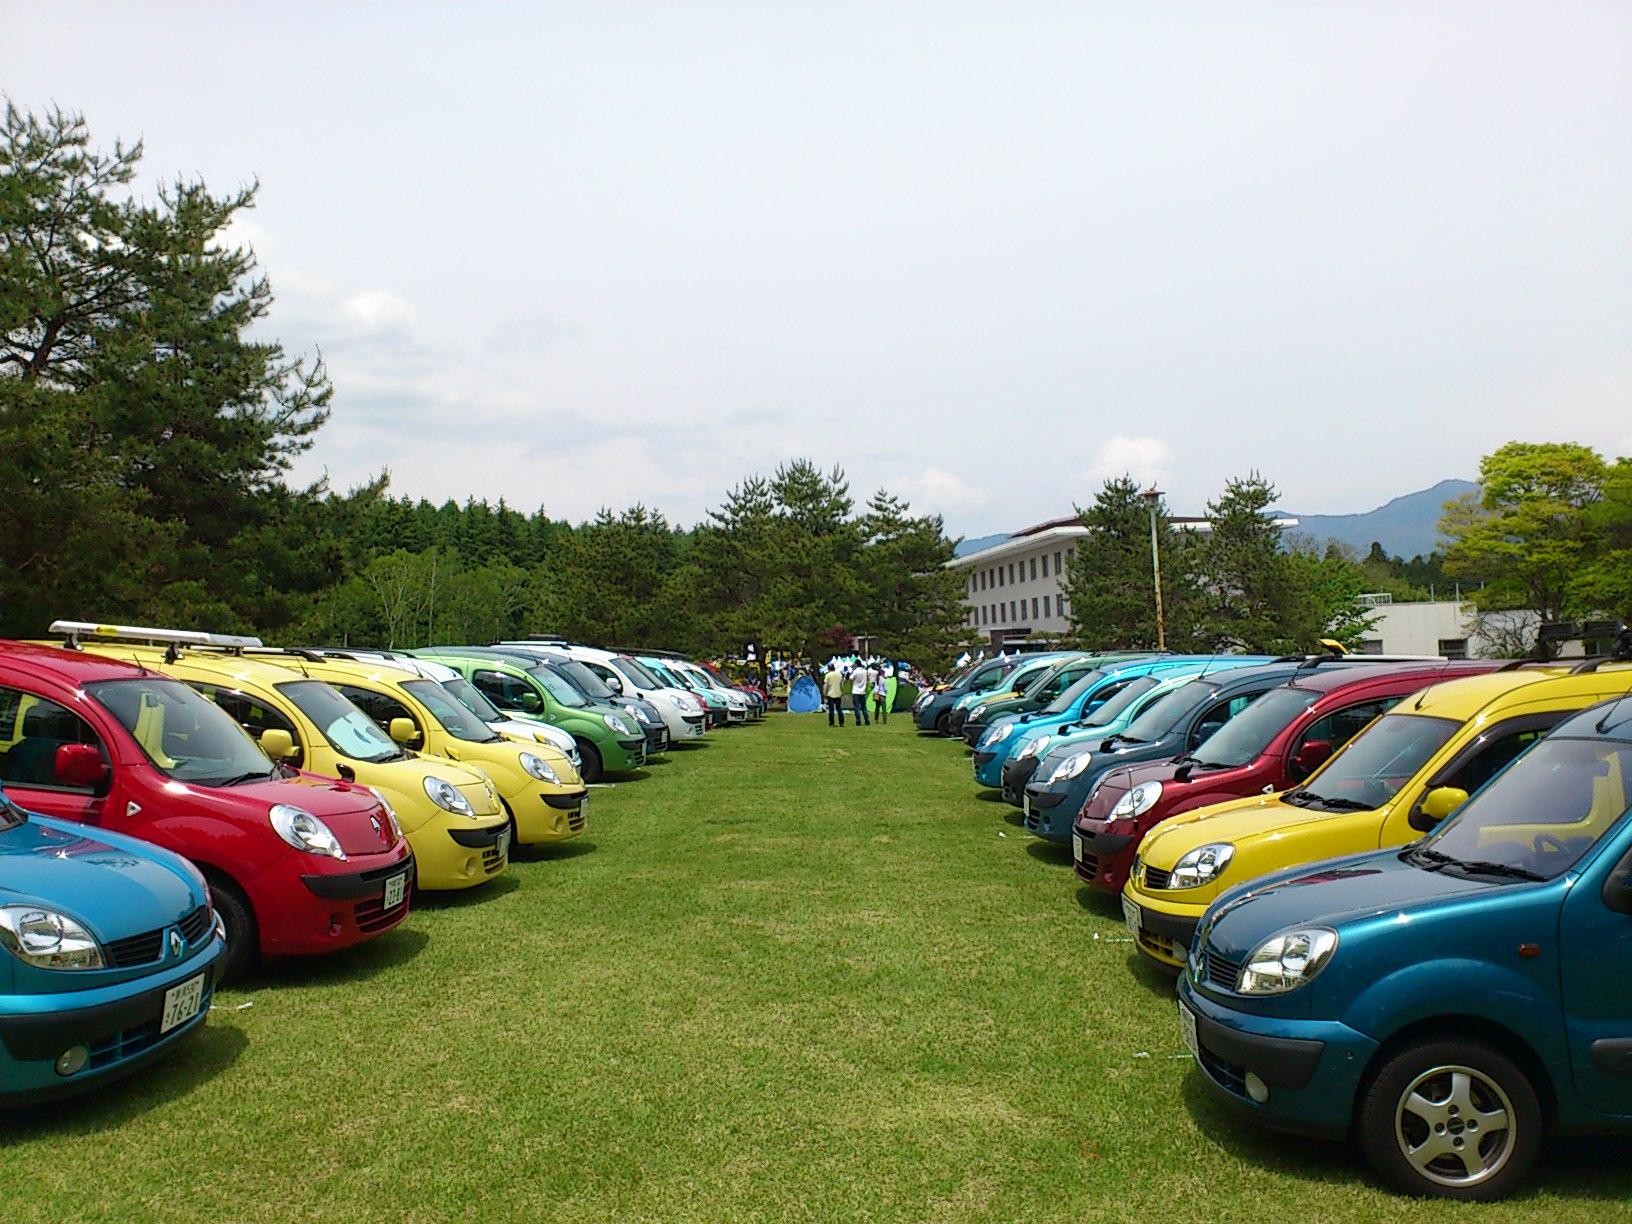 http://gentleone.jp/report/event/2012-05-20%2010.56.33.JPG